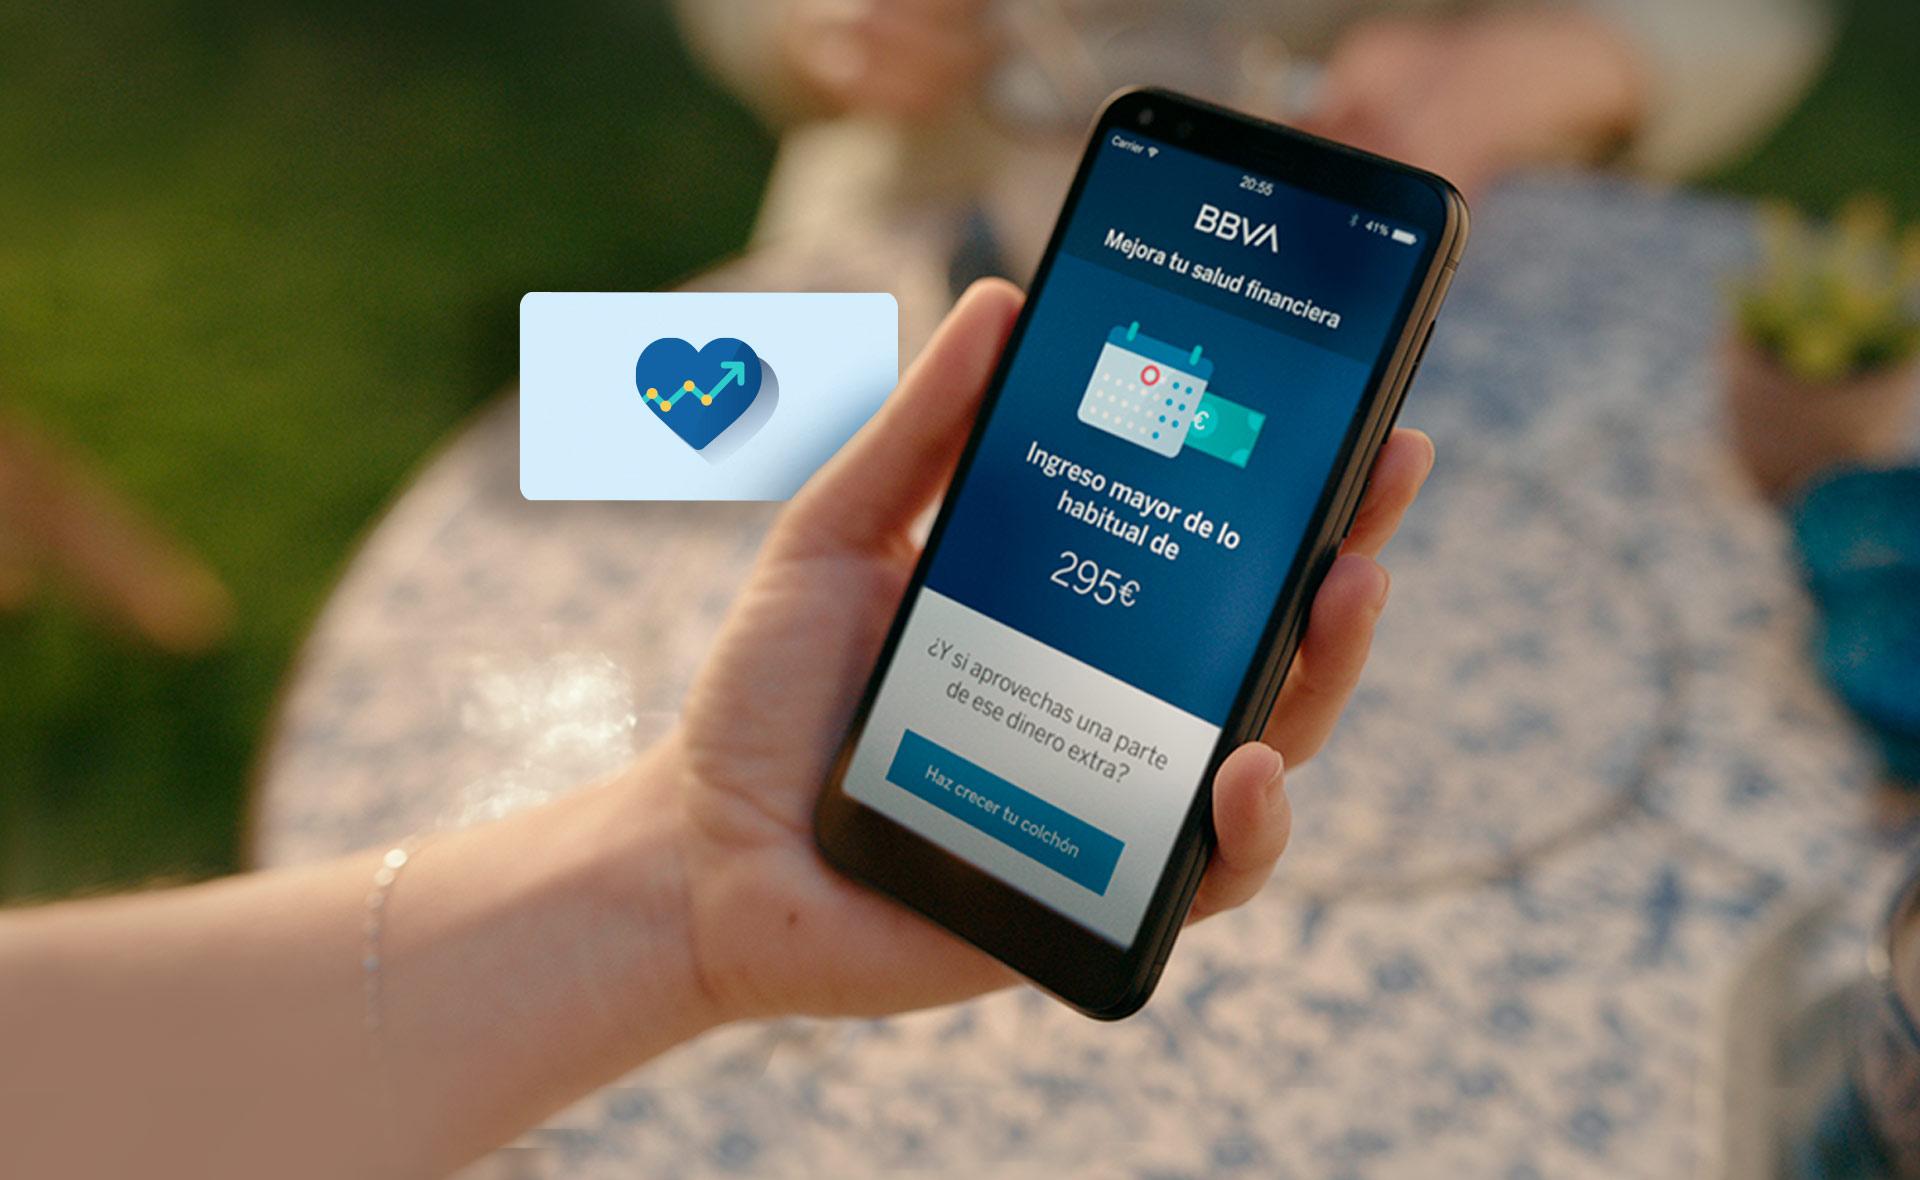 salud_financiera-app-educacion-bbva-campaña-clientes-digitalizacion-aplicaciones-funcionalidades